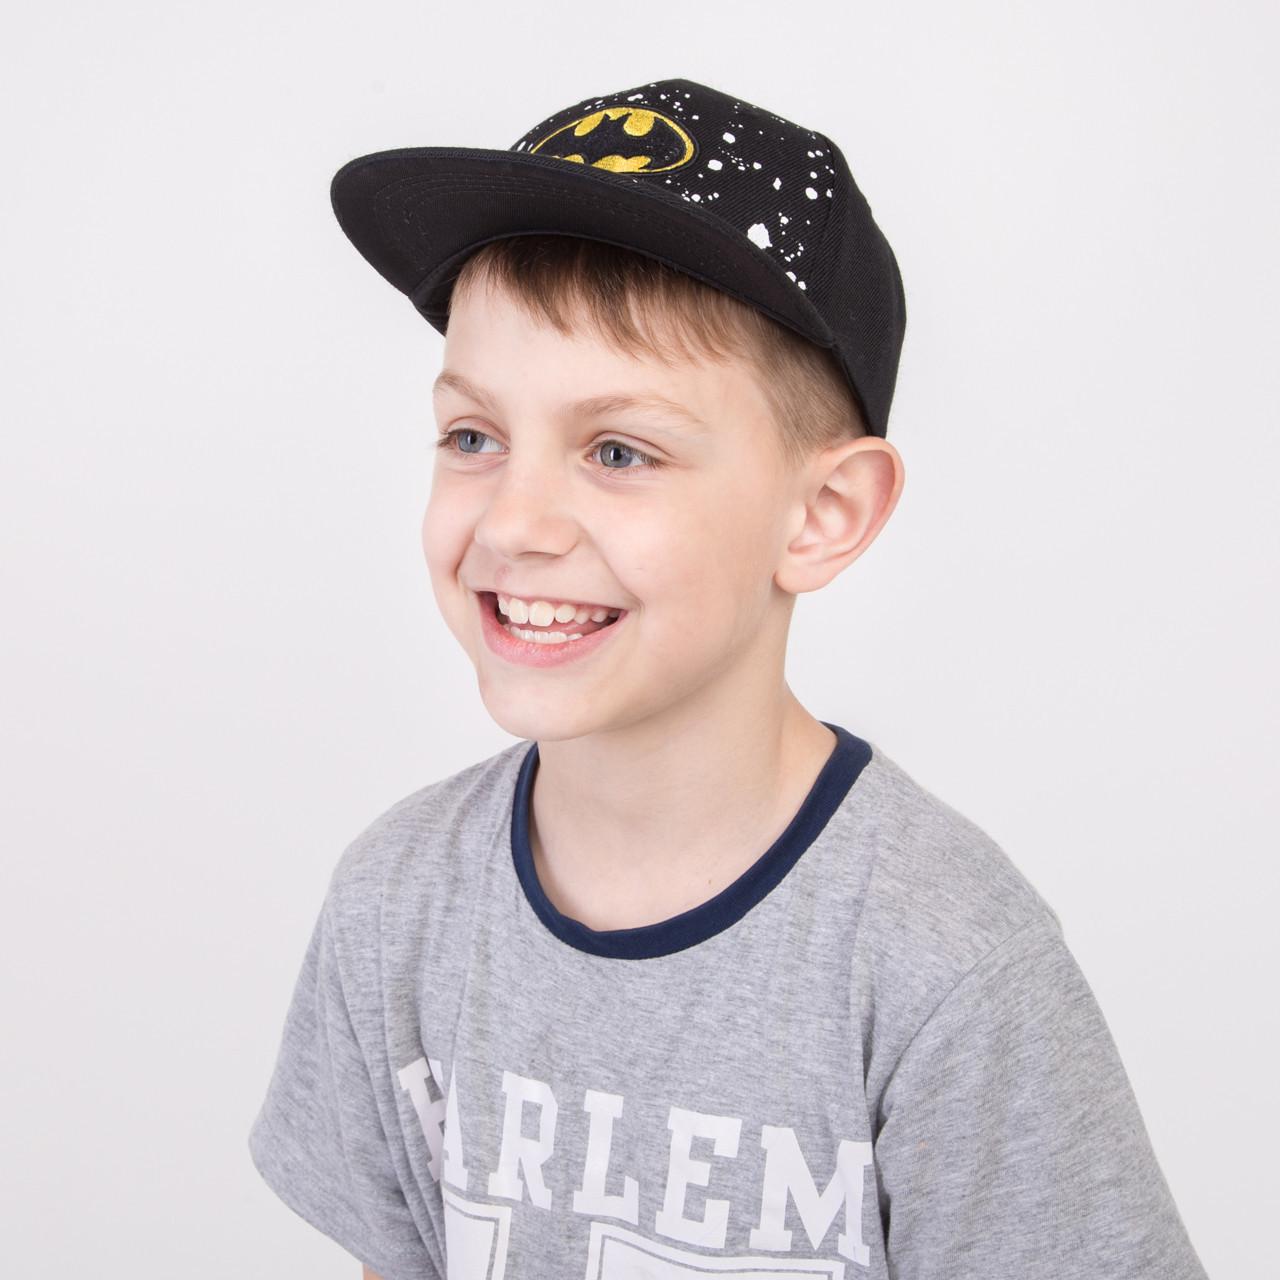 Летняя кепка Snapback для мальчика - 82017-6